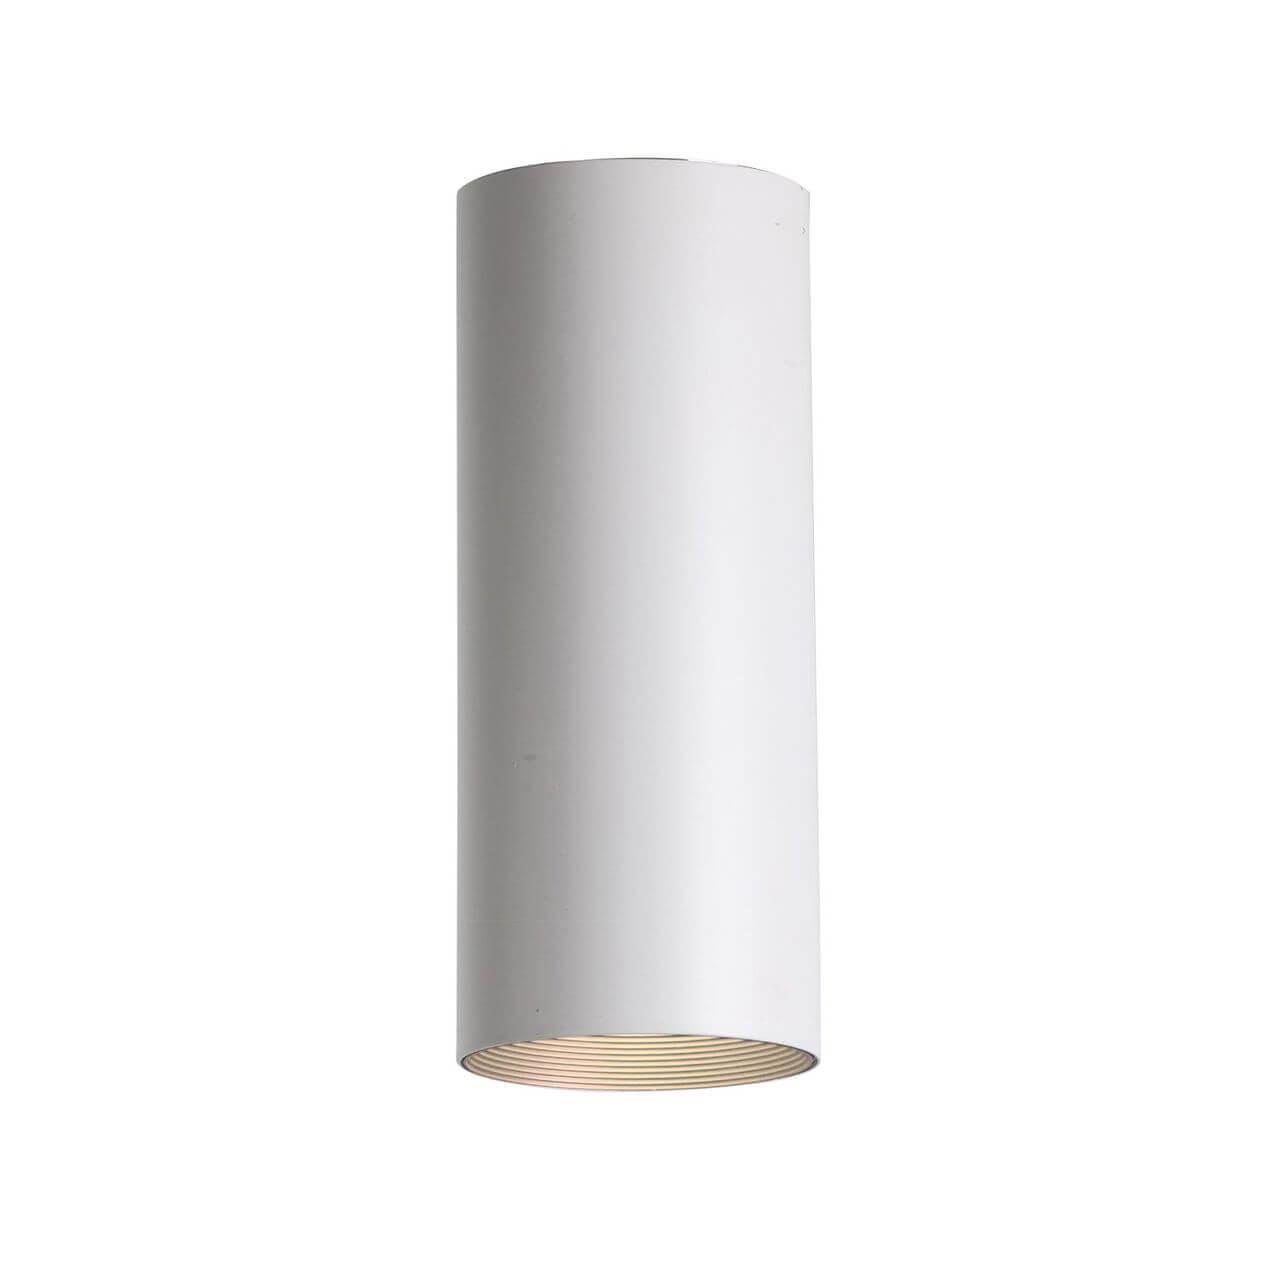 Потолочный светодиодный светильник Favourite Drum 2247-1U